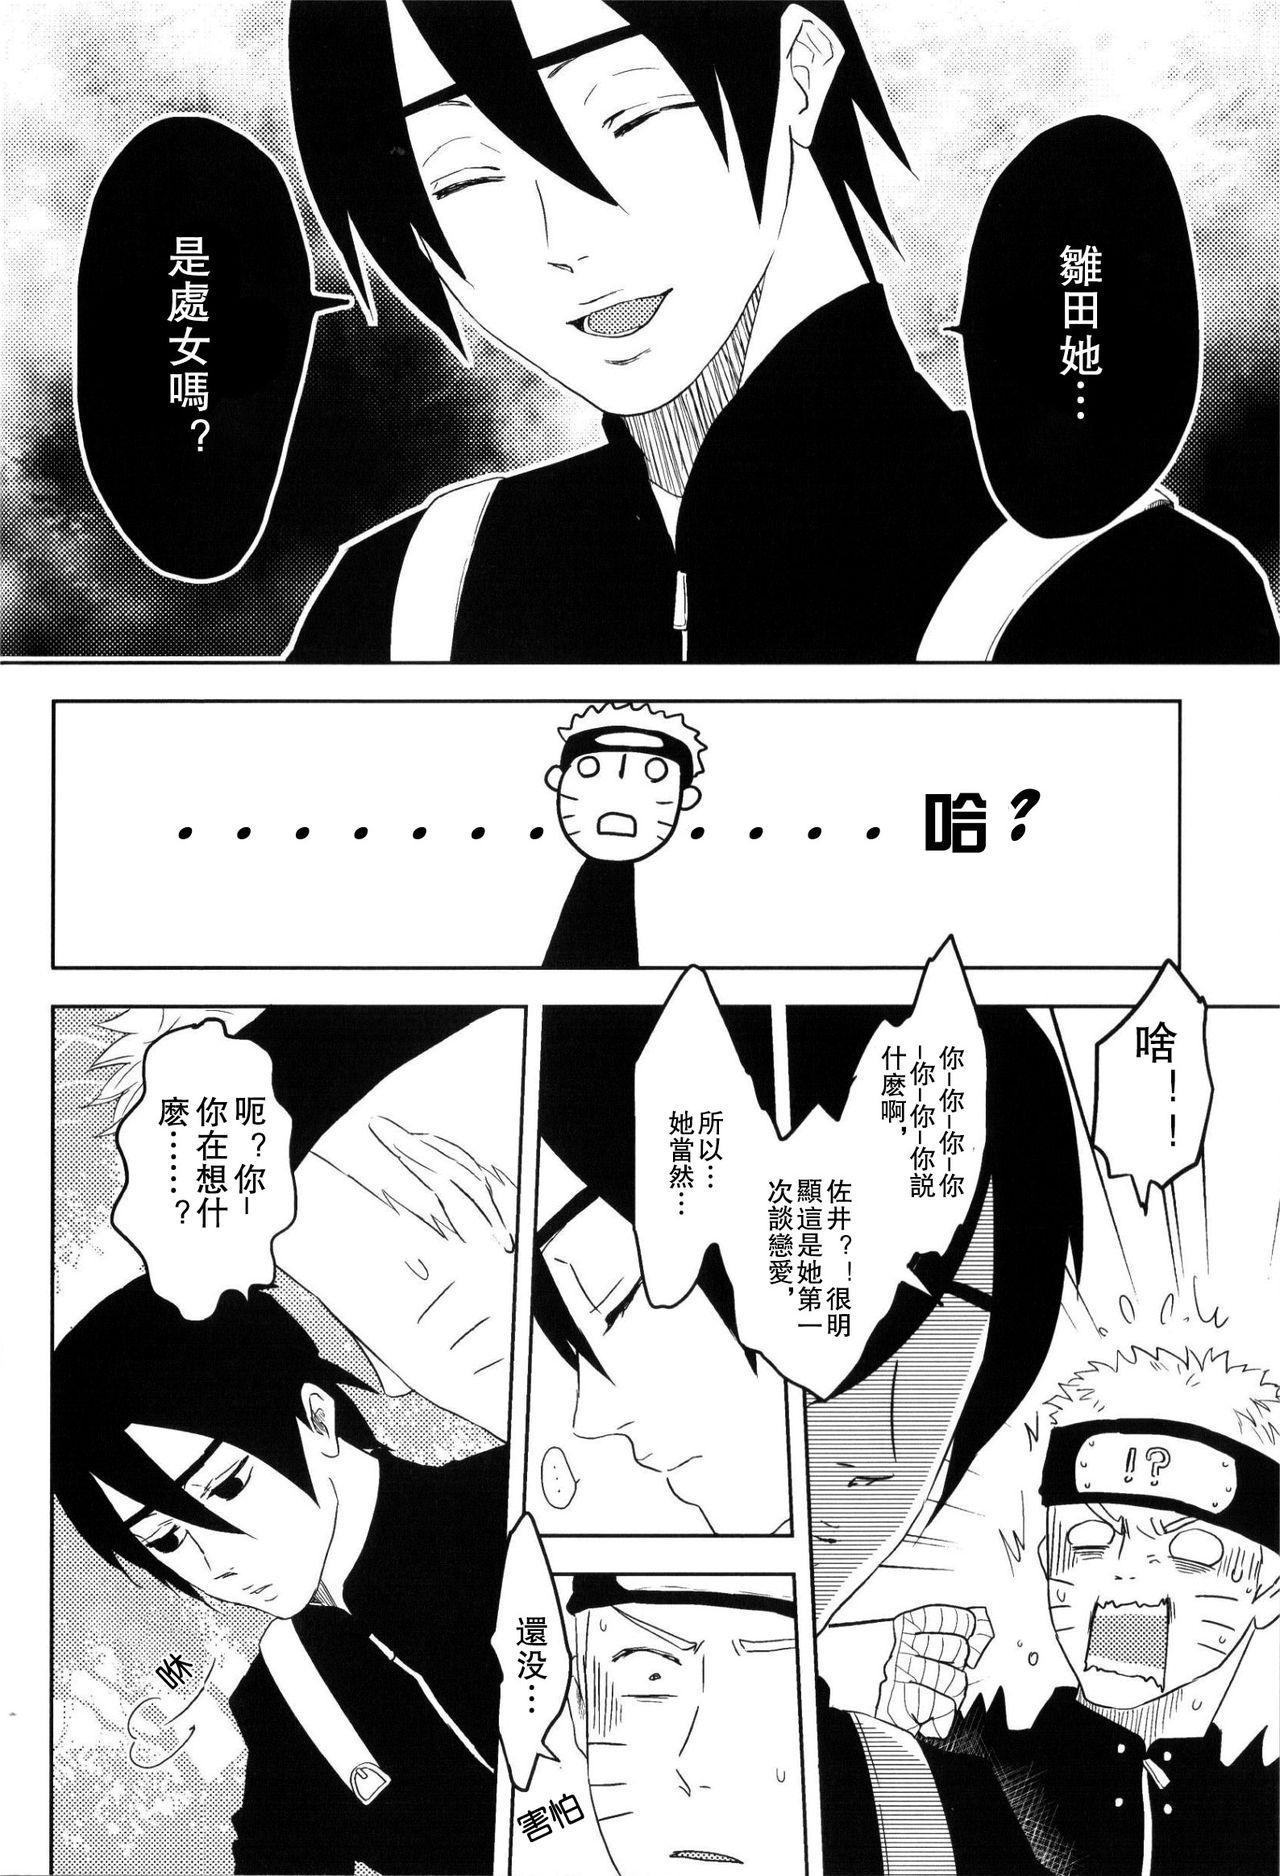 Junketsu Patience 7